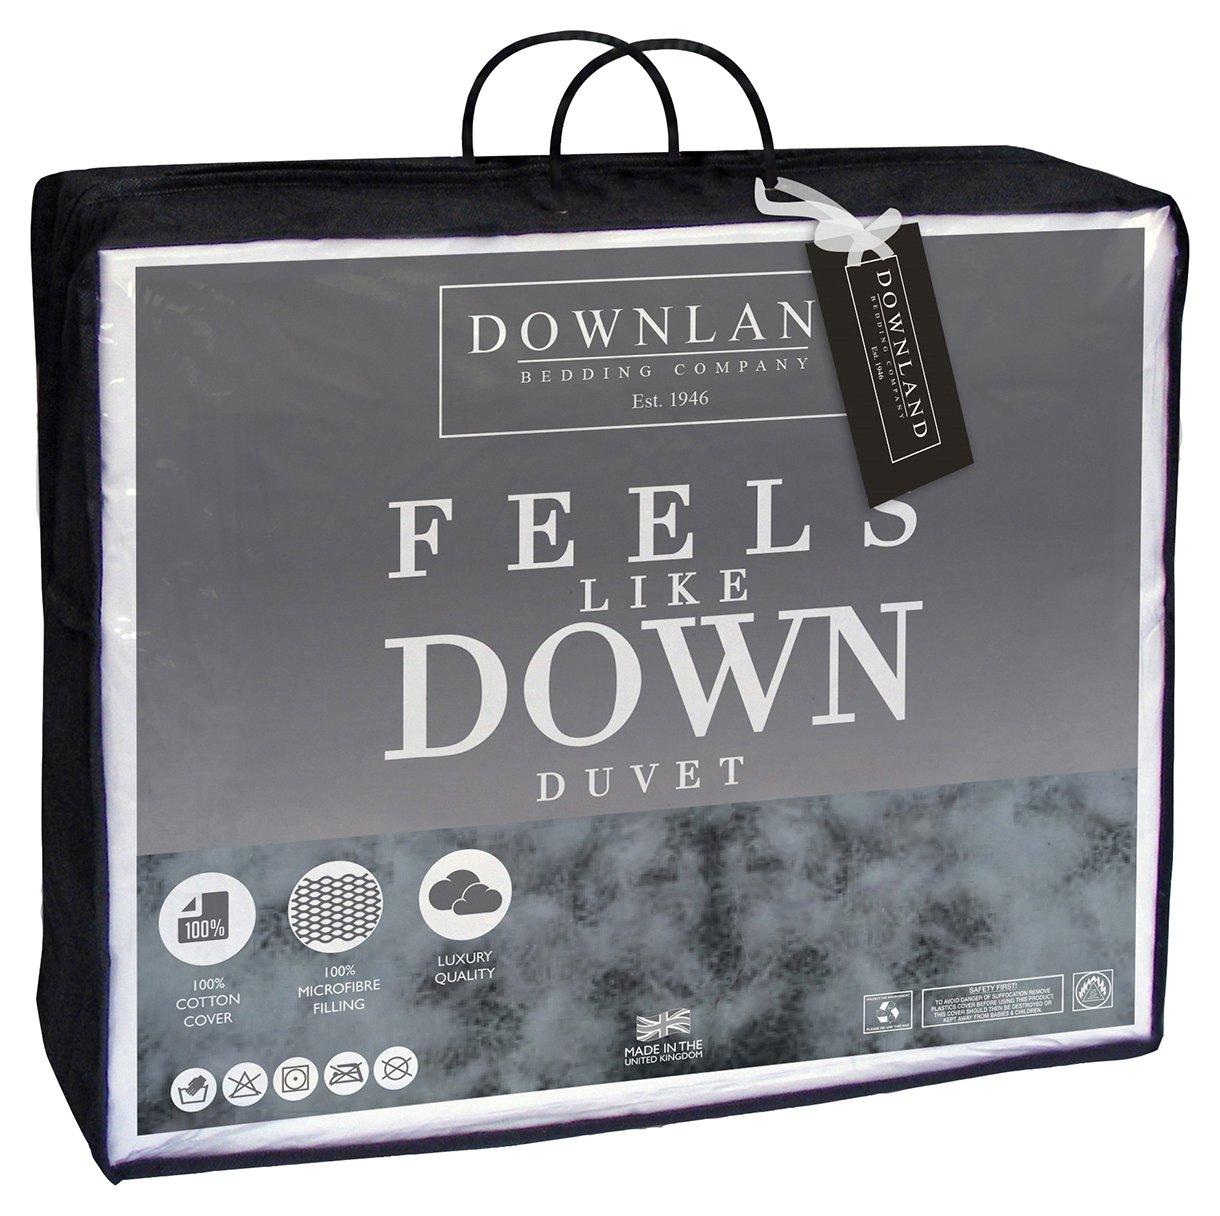 Image of Downland - 105 Tog Feels Like Down - Duvet - Kingsize